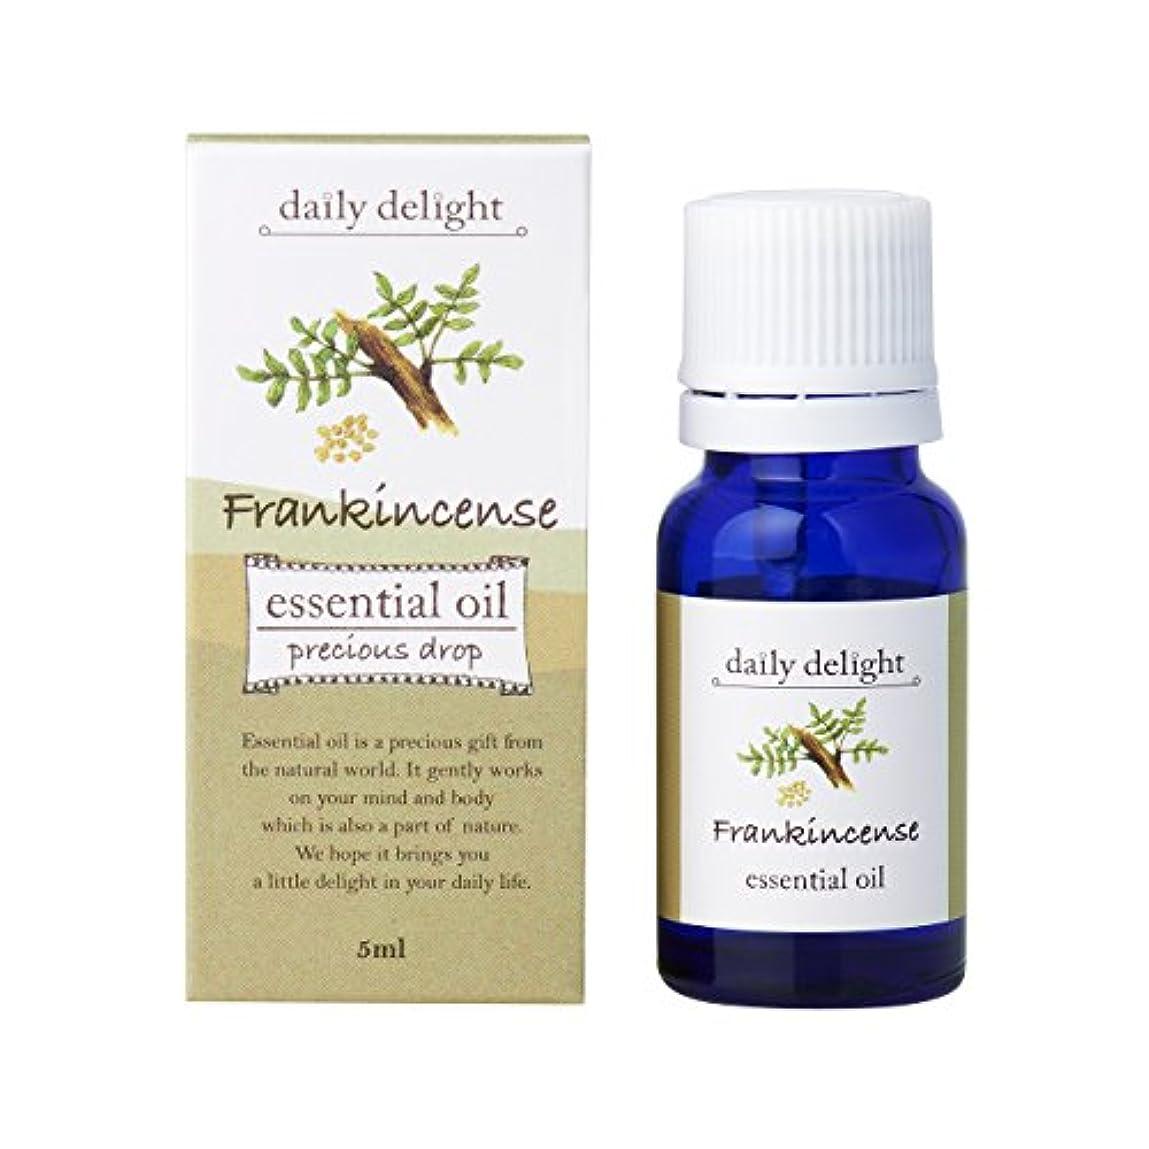 ボスブラウン言語学デイリーディライト エッセンシャルオイル フランキンセンス 5ml(天然100% 精油 アロマ 樹脂系 樹脂から採れるさわやかな木の香り)